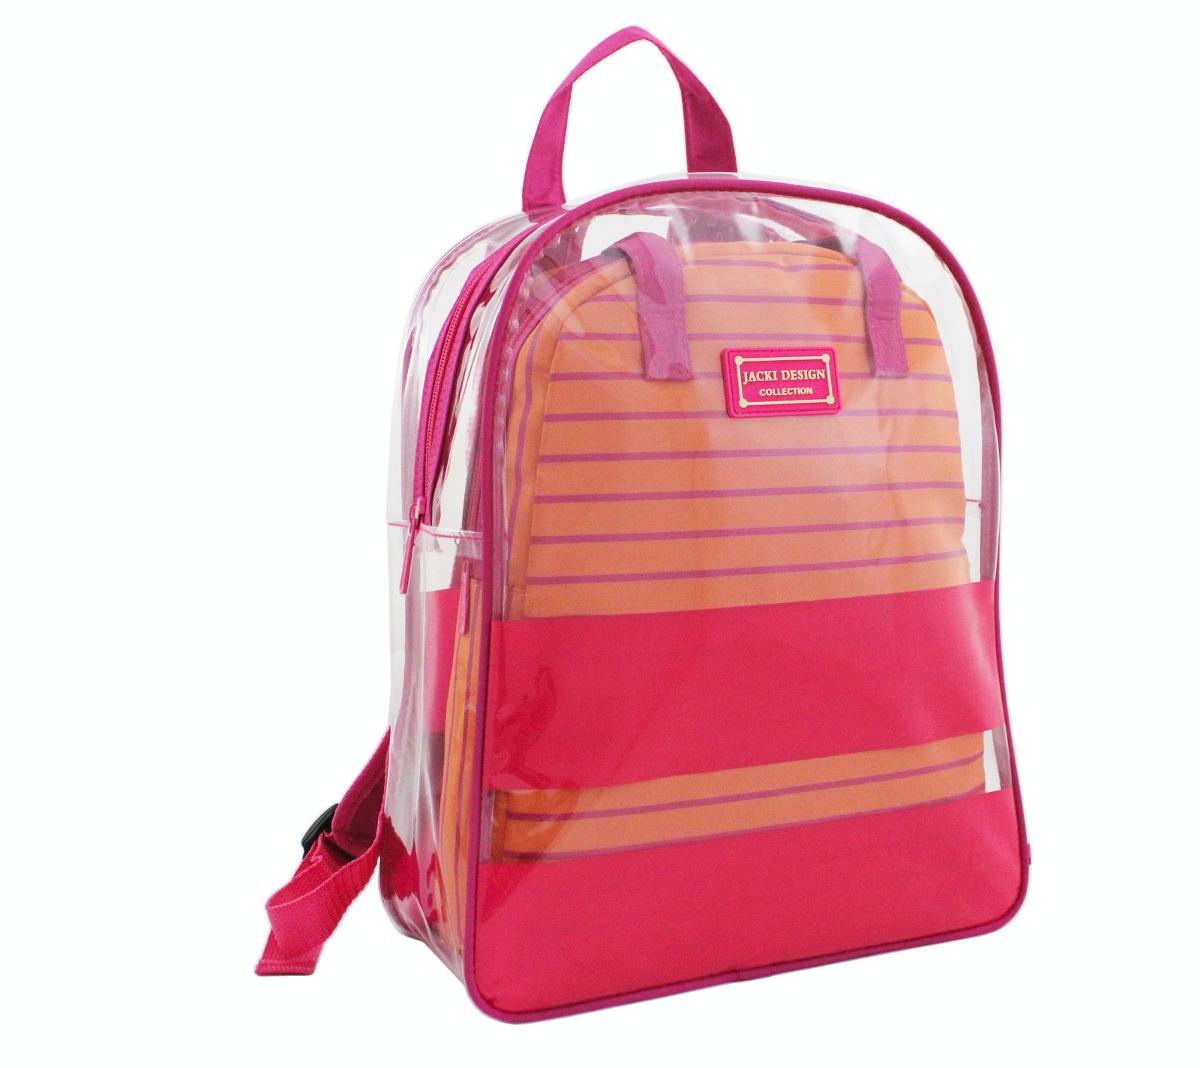 Bolsa De Mao Transparente : Mochila feminina pe?as bolsa de m?o praia compras escola